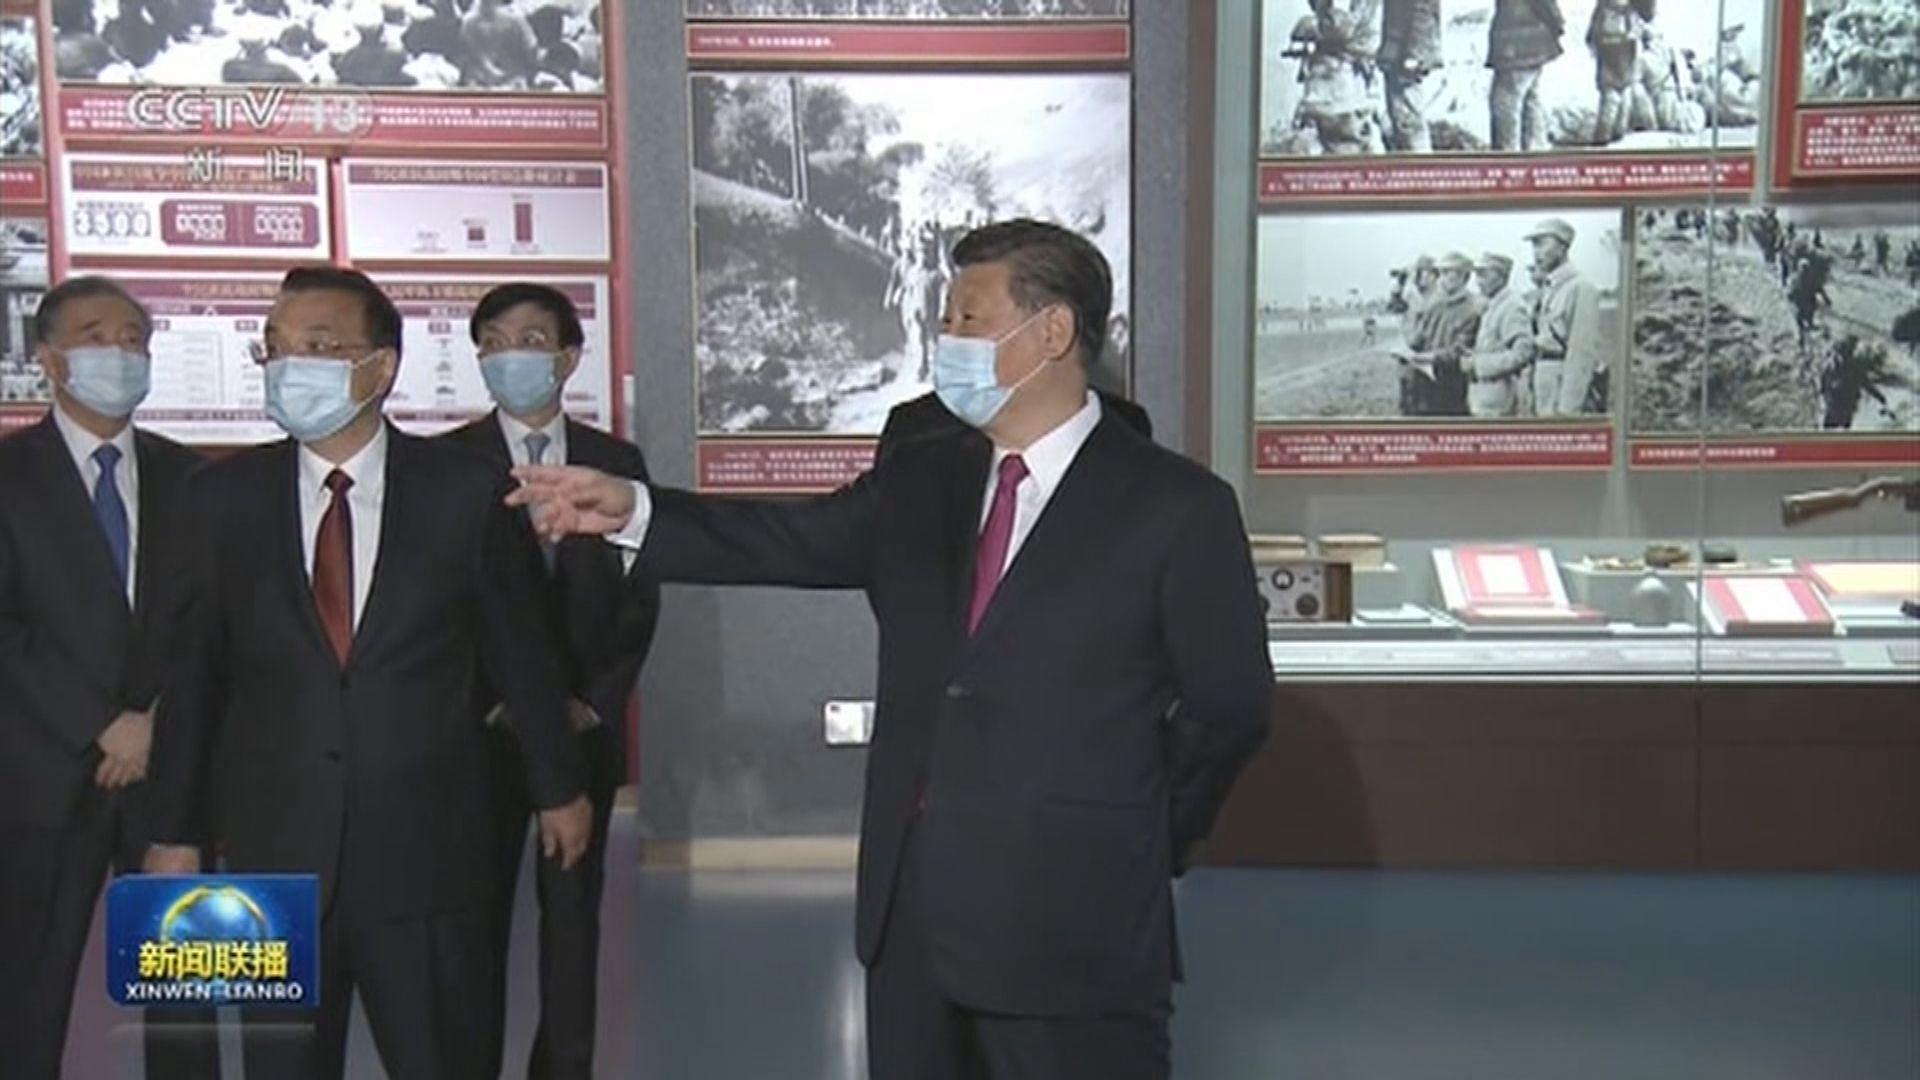 習近平到共產黨歷史展覽館參觀 重溫入黨誓詞